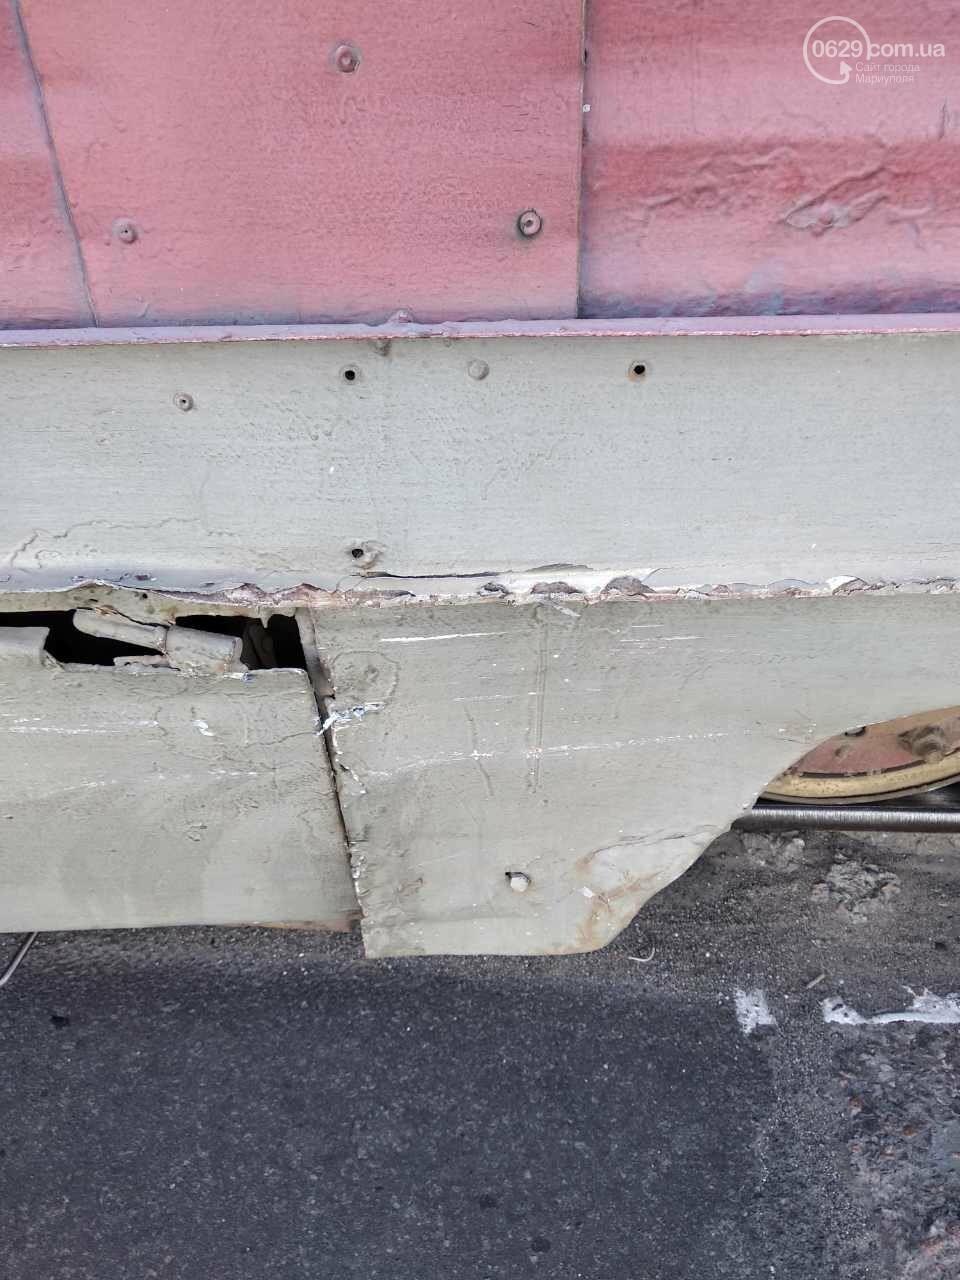 В Мариуполе столкнулись легковушка и трамвай, - ФОТО, фото-1